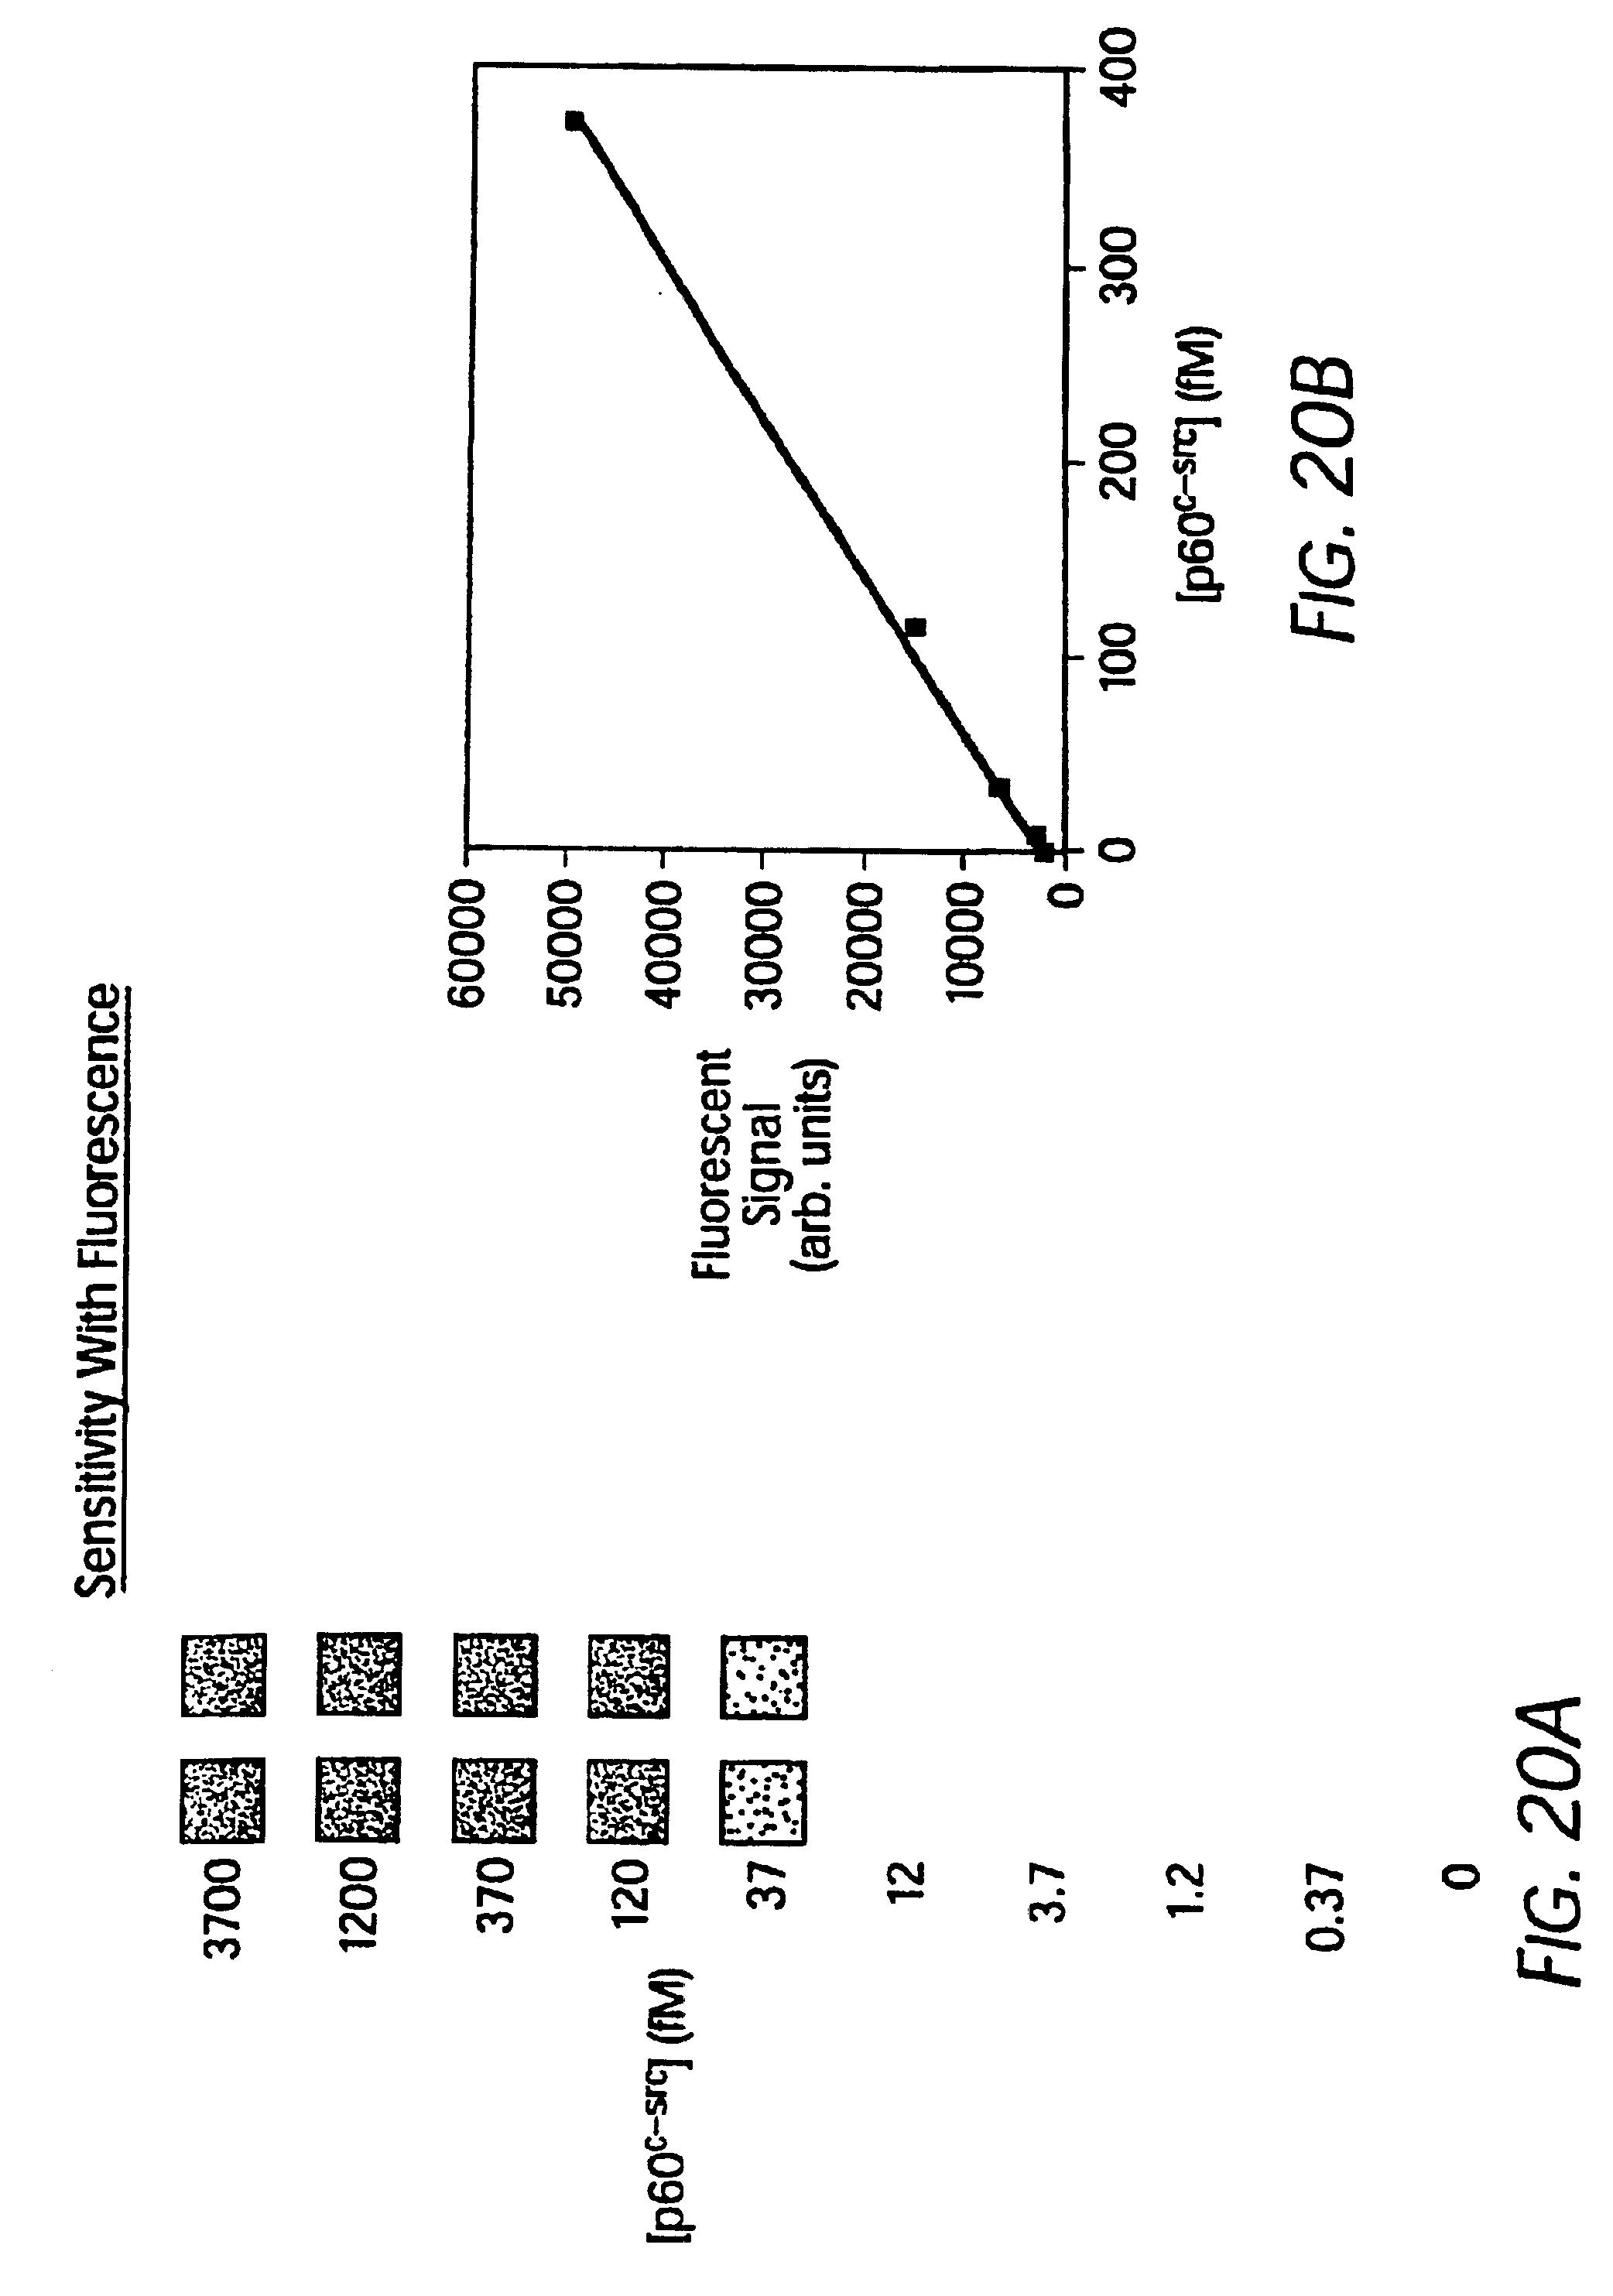 patent us6803205